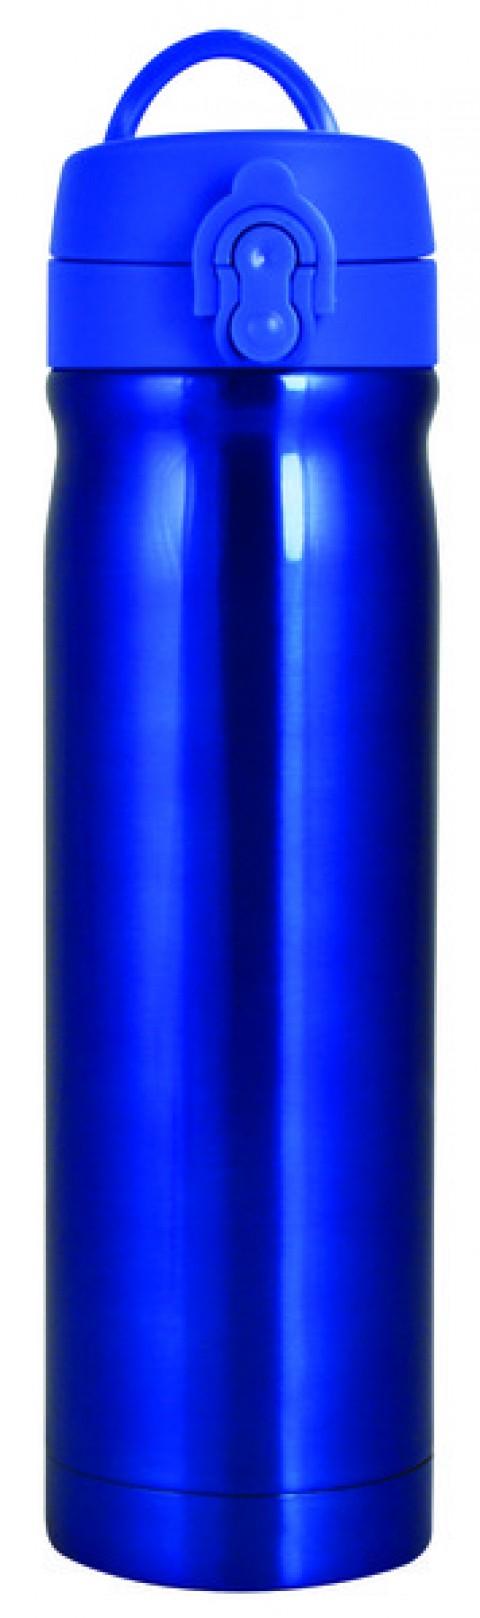 Trendix Çelik İçli Termos Matara 500ml Neon Mavi